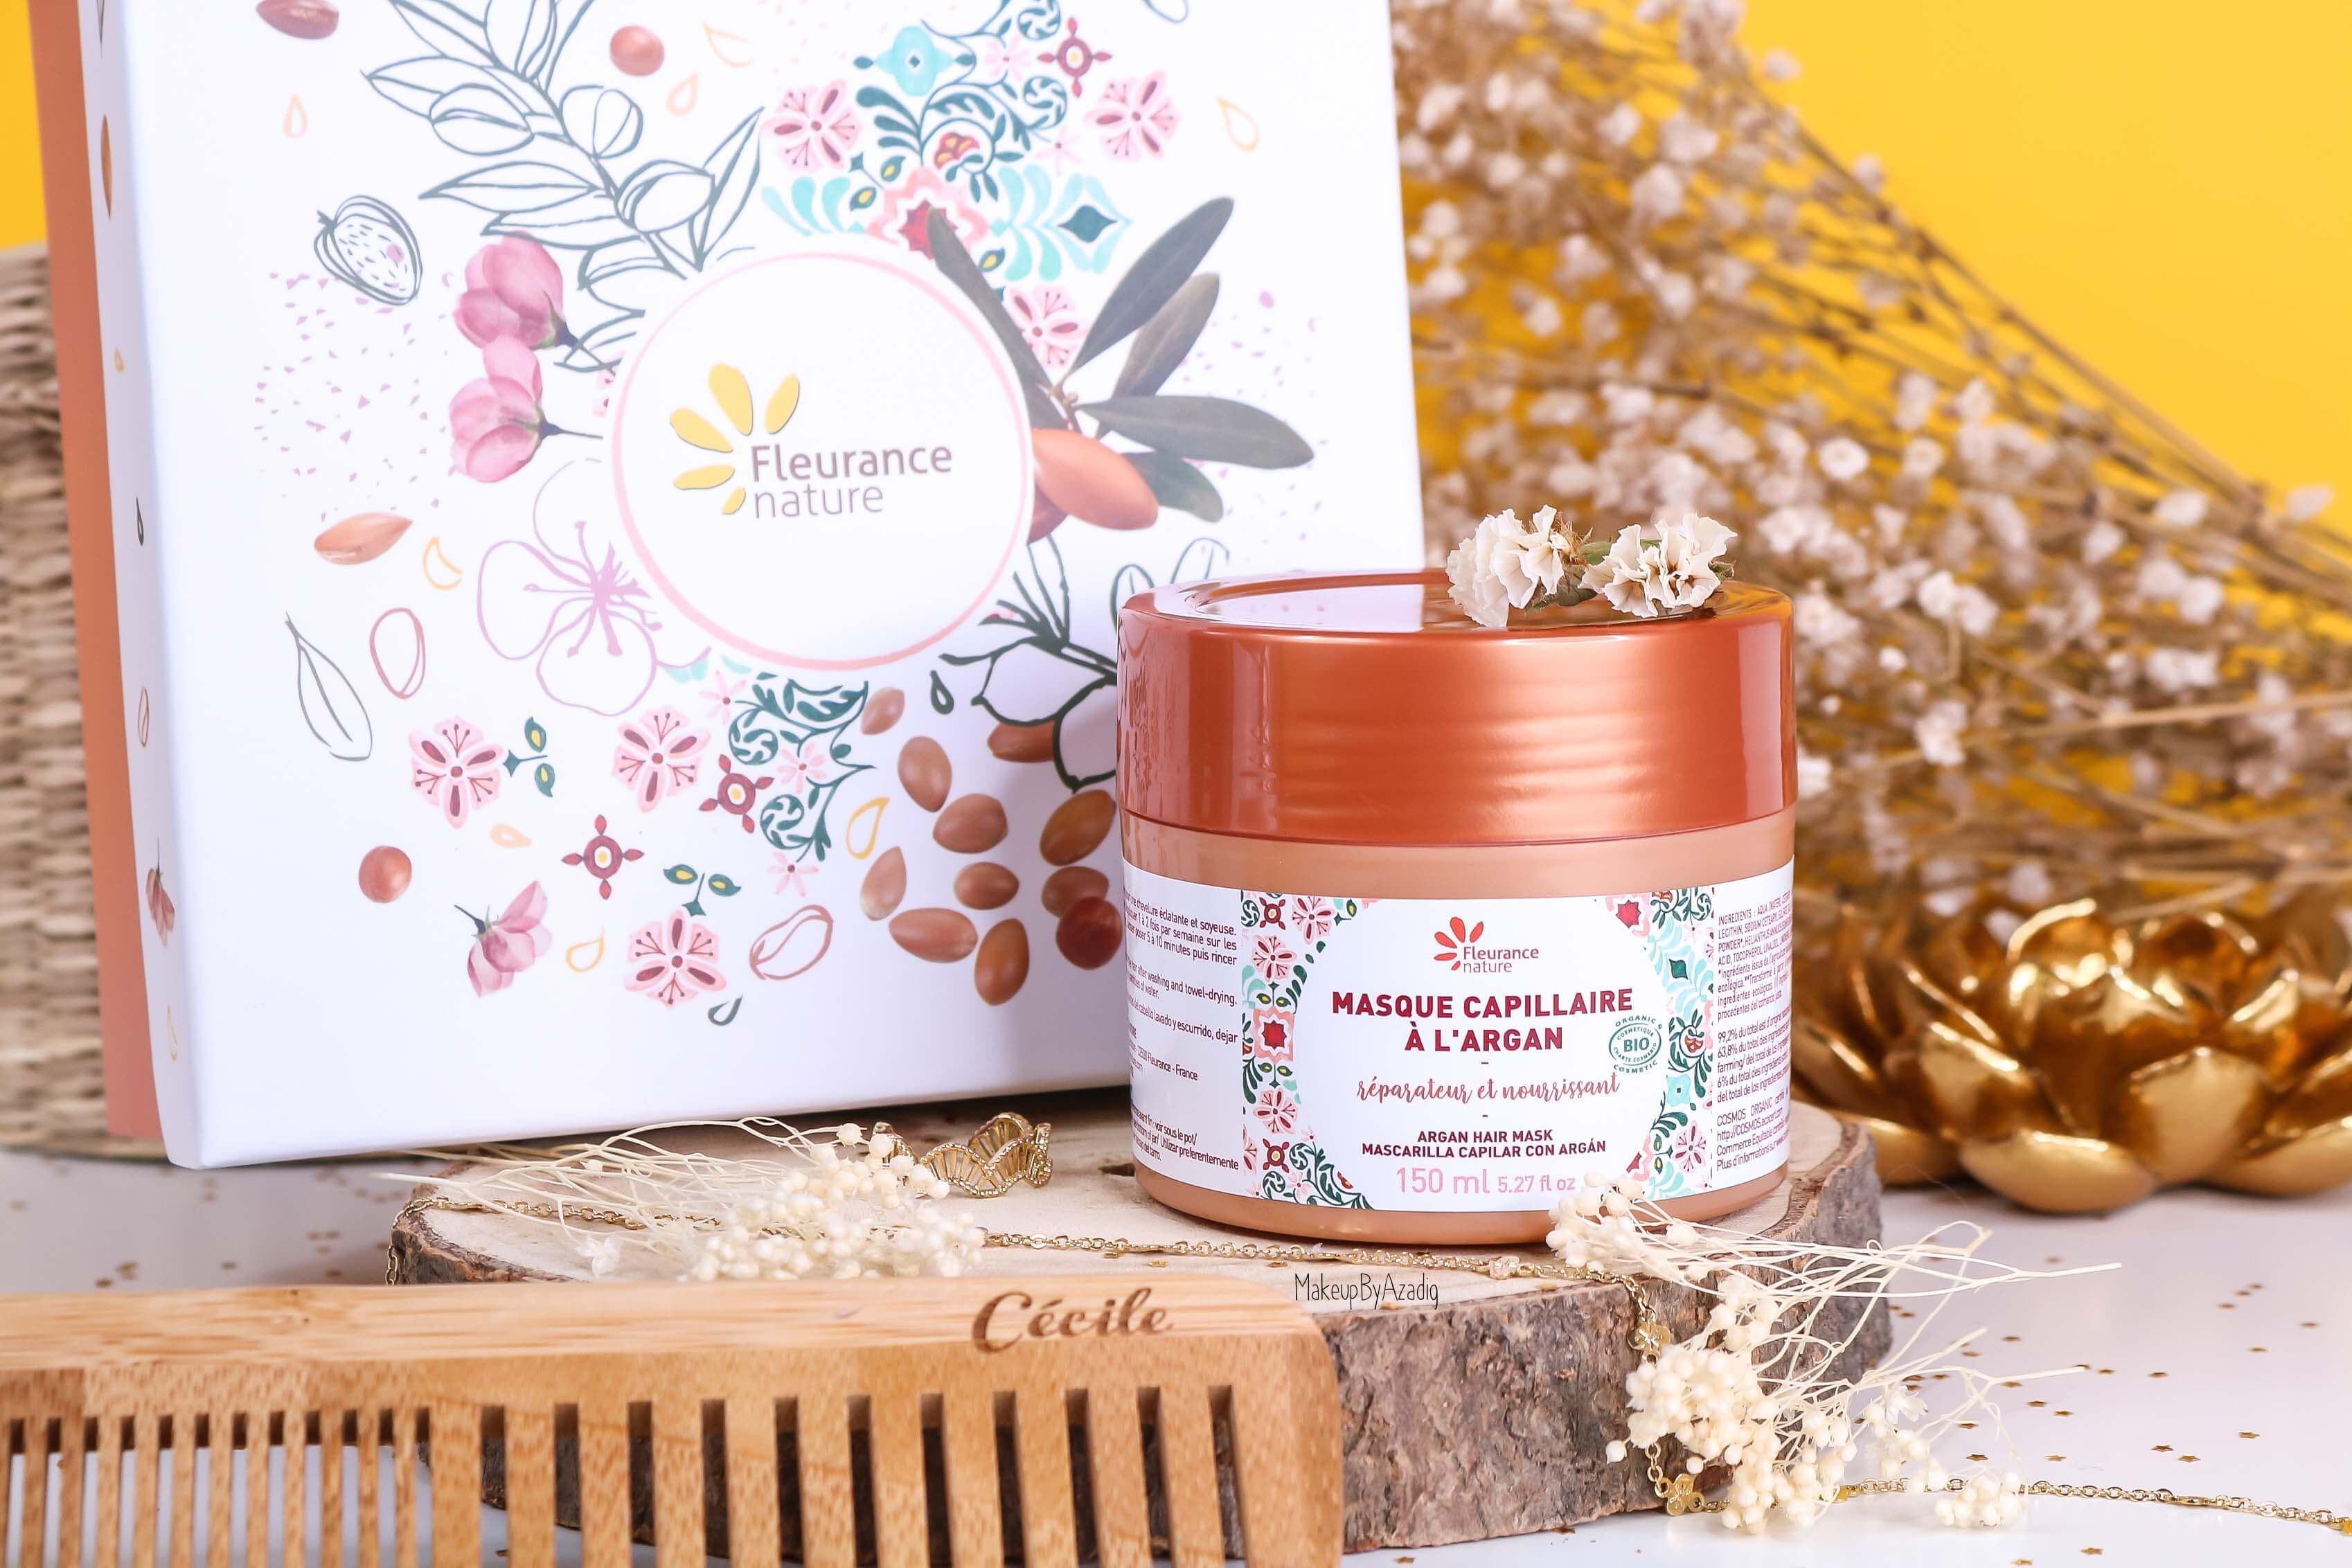 revue-masque-cheveux-capillaire-argan-reparateur-nourrissant-fleurance-nature-makeupbyazadig-bio-soin-avis-prix-resultat-coffret